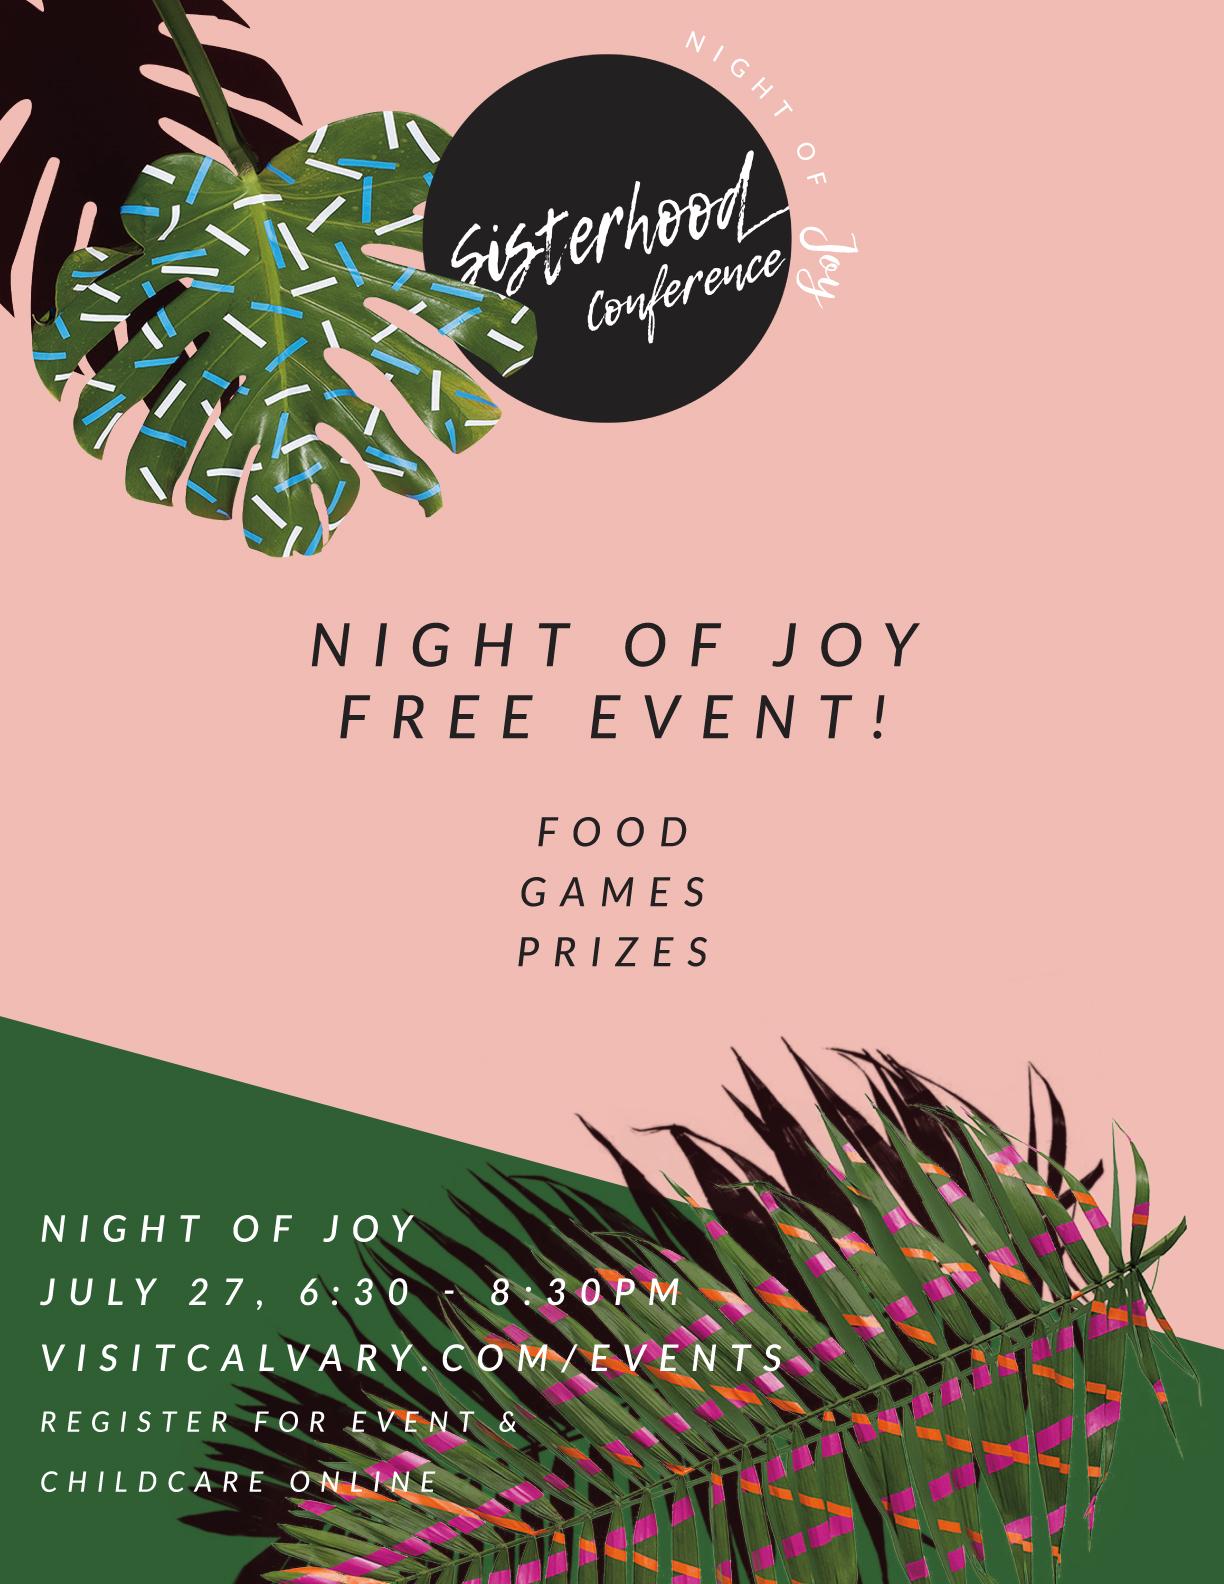 Night of joy ad